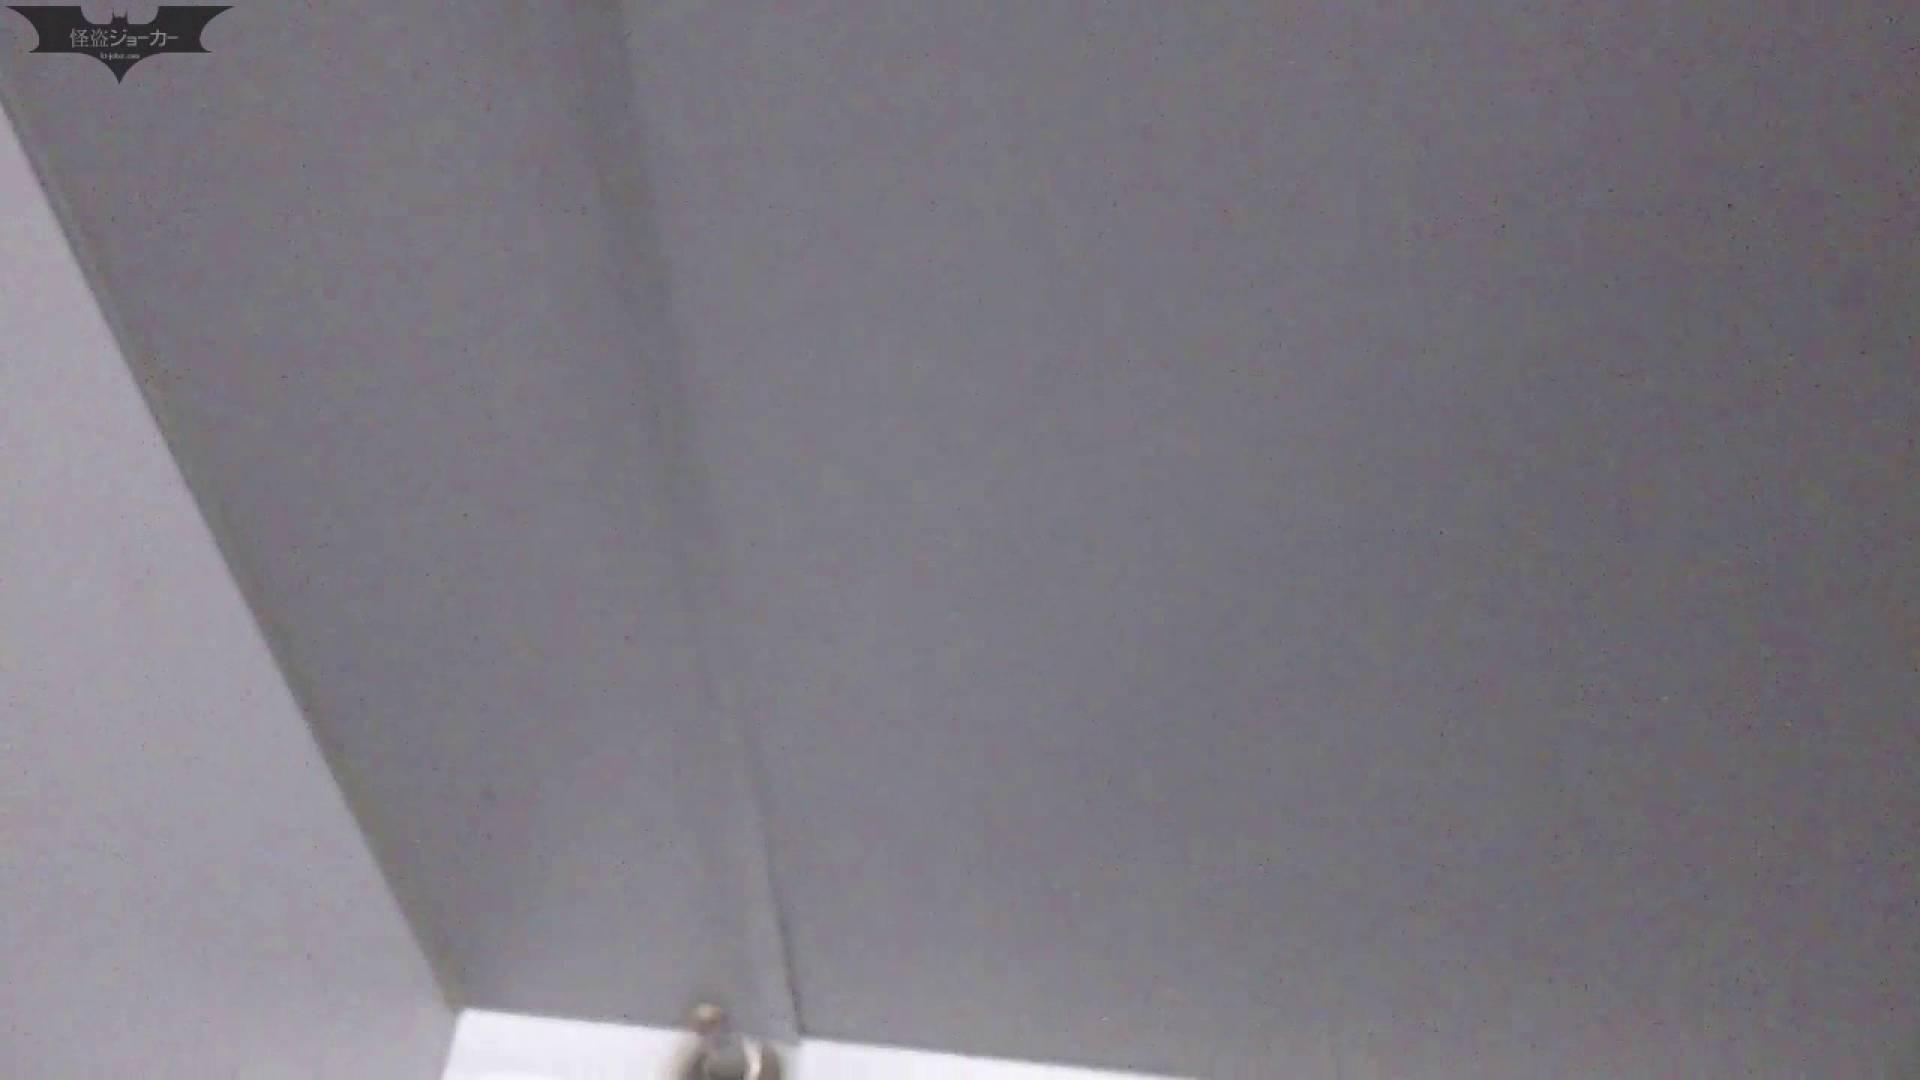 駅隣接デパート8携帯を隣の個室に挿し込んでみたら 洗面所のぞき おめこ無修正画像 77枚 24